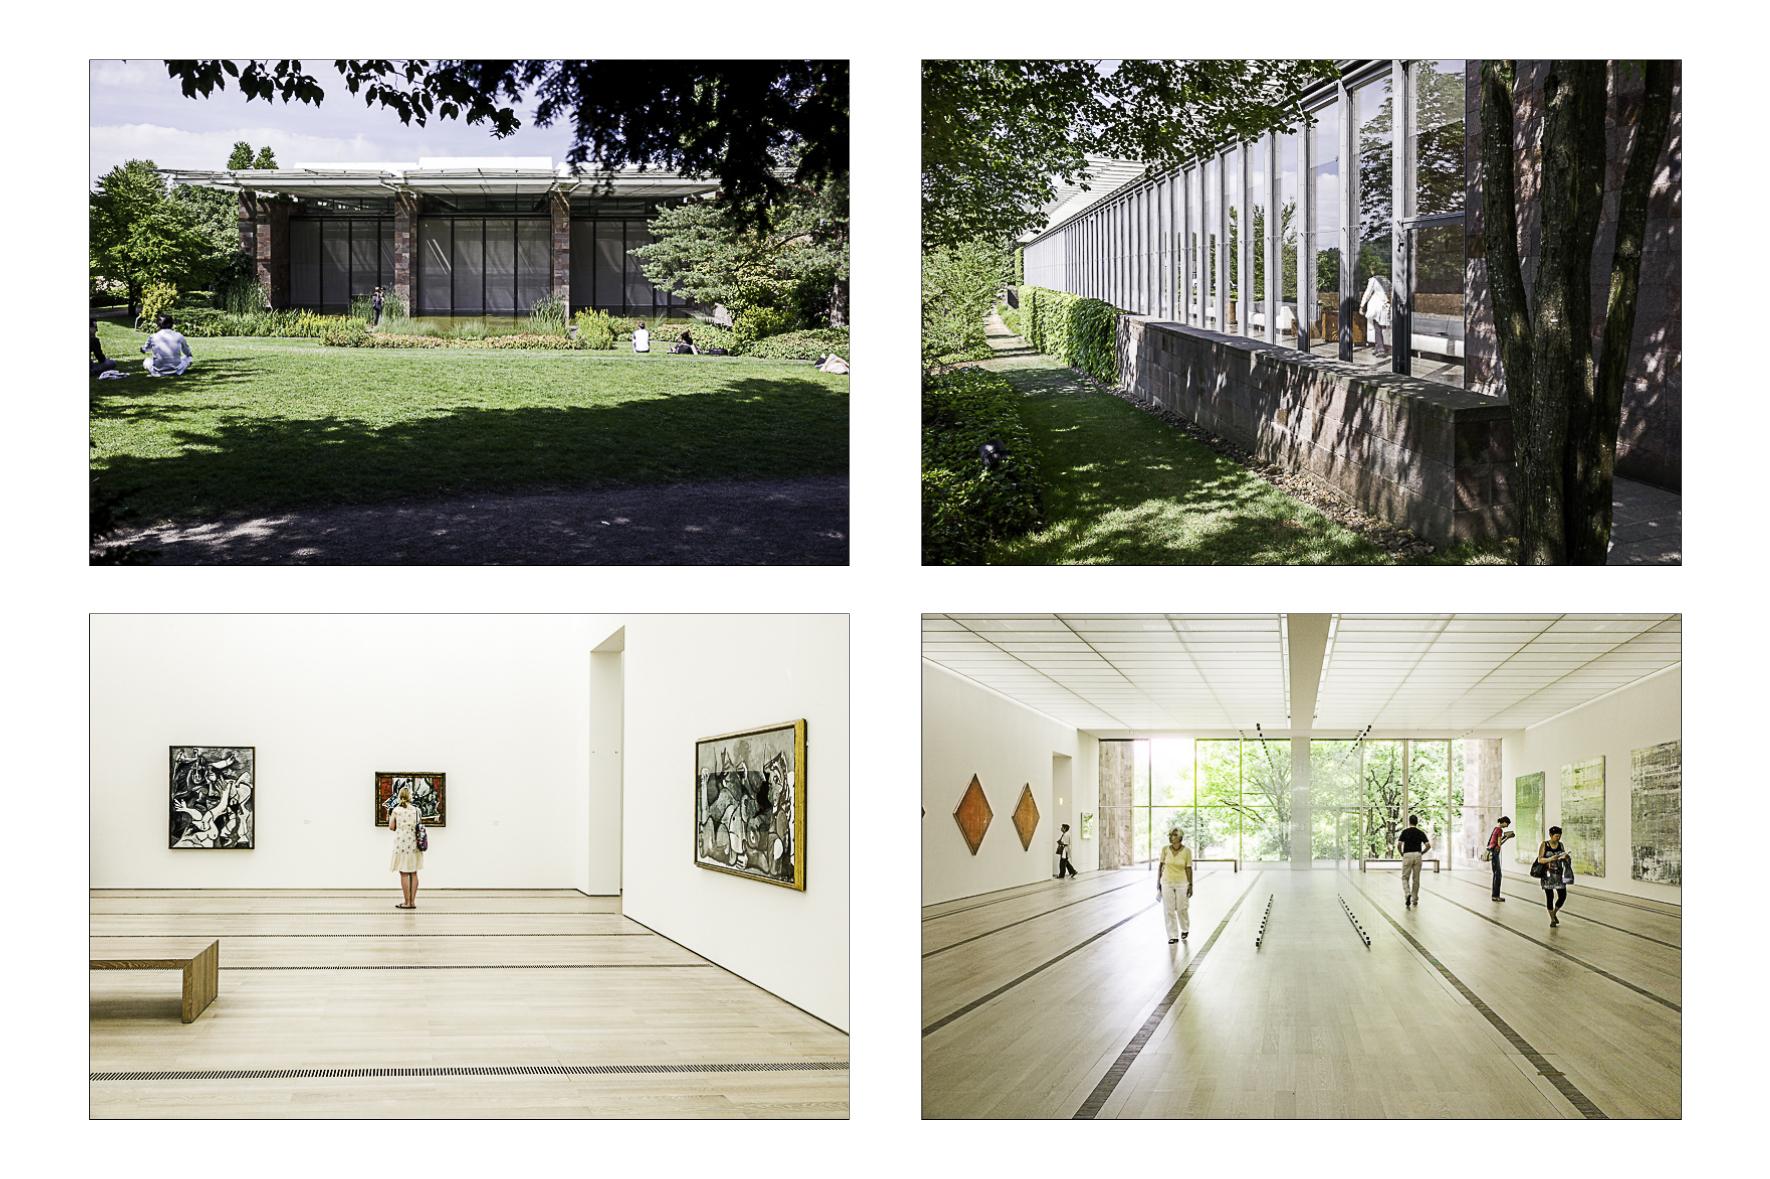 Fondation Beyeler, Bâles 2014  Renzo Piano Architecte 1997